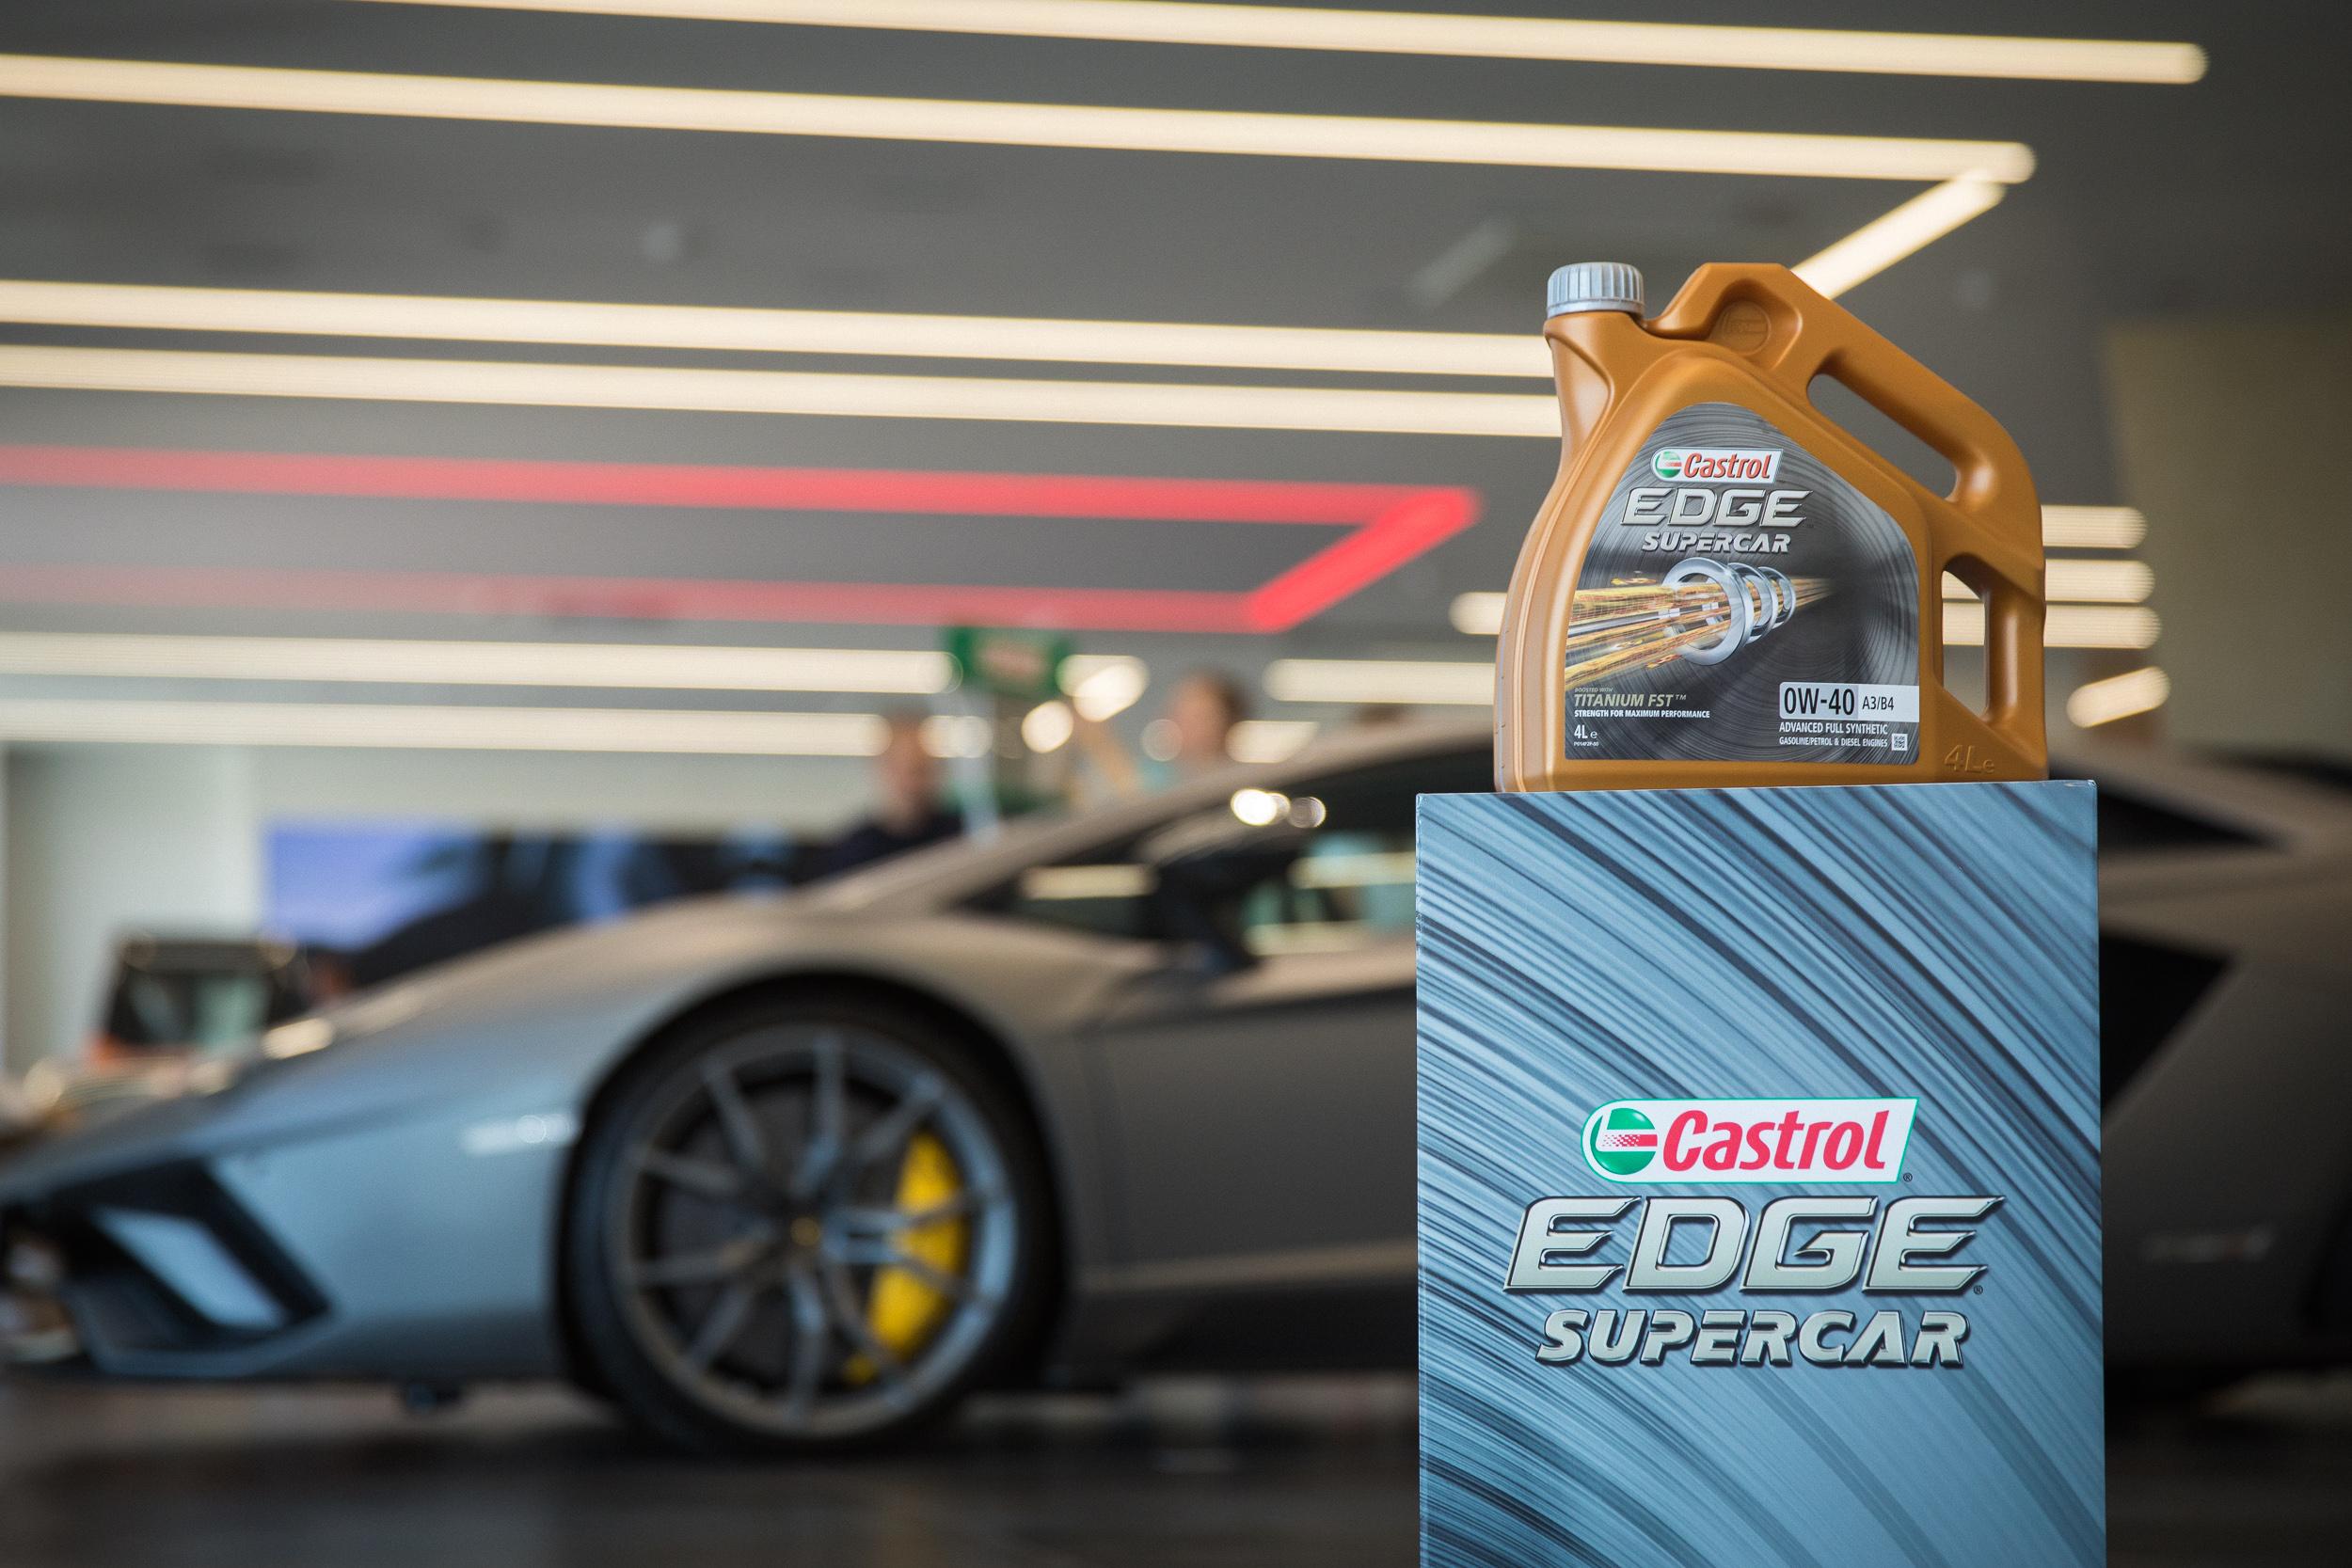 Новая линейка моторных масел Castrol для суперкаров и компактных хэтчей